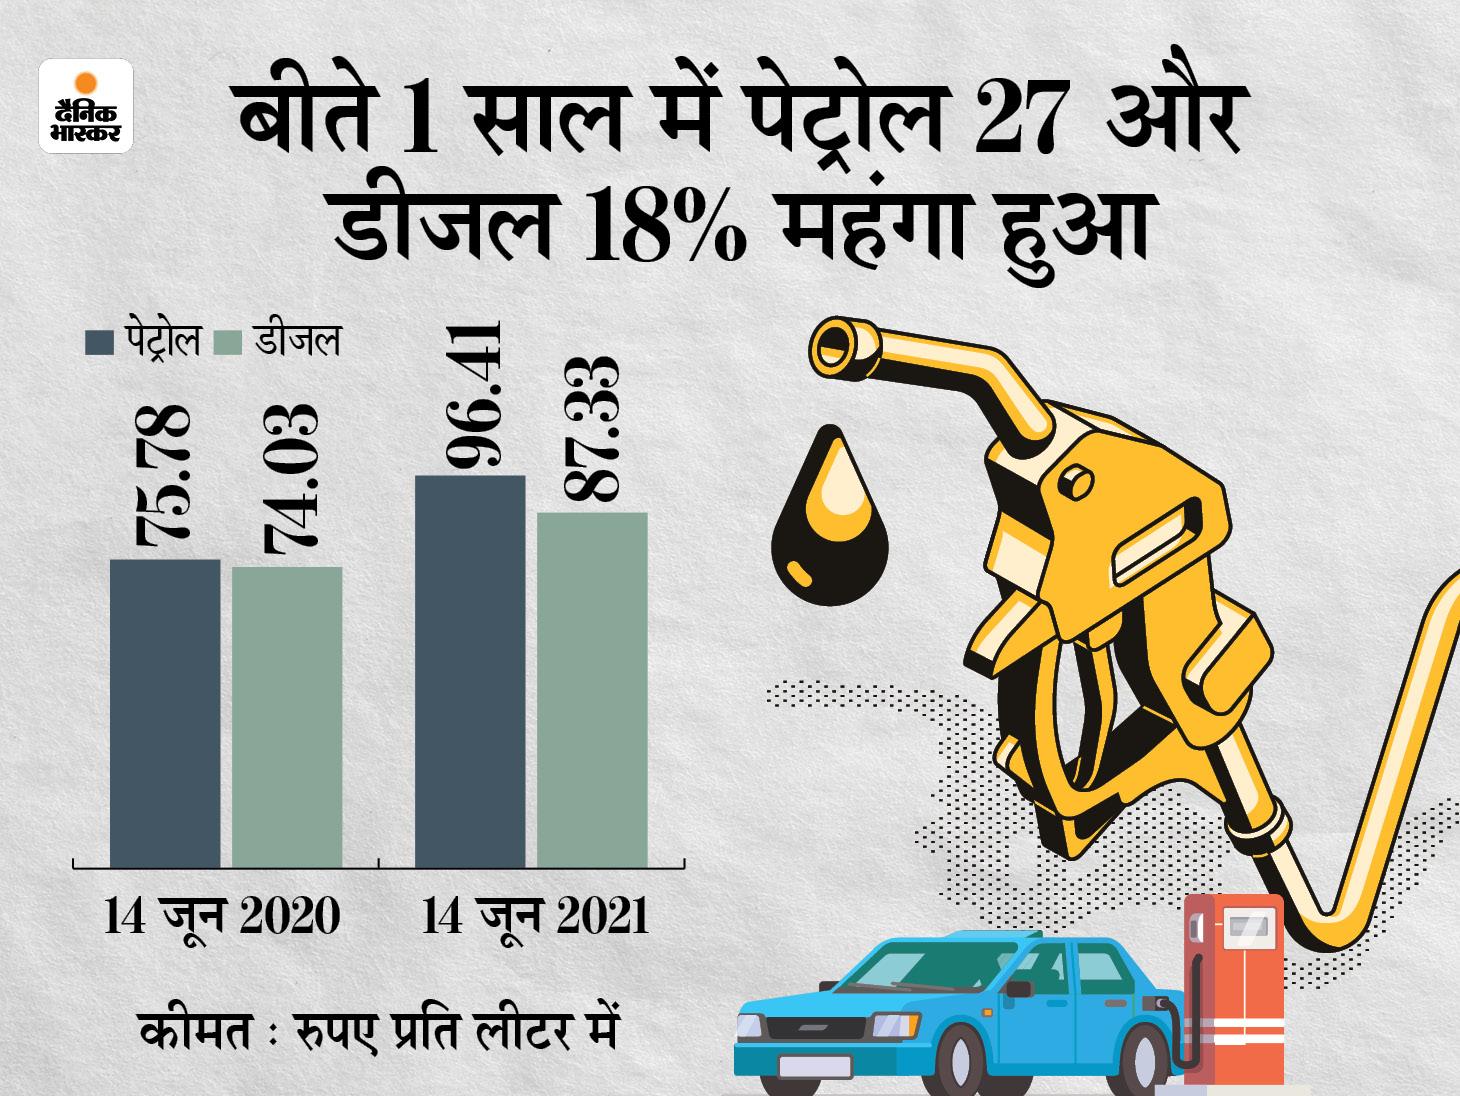 मध्य प्रदेश, महाराष्ट्र और राजस्थान सहित देश के 10 राज्यों में पेट्रोल 100 रुपए के पार पहुंचा, गंगानगर में डीजल भी 100 के पार हुआ बिजनेस,Business - Dainik Bhaskar